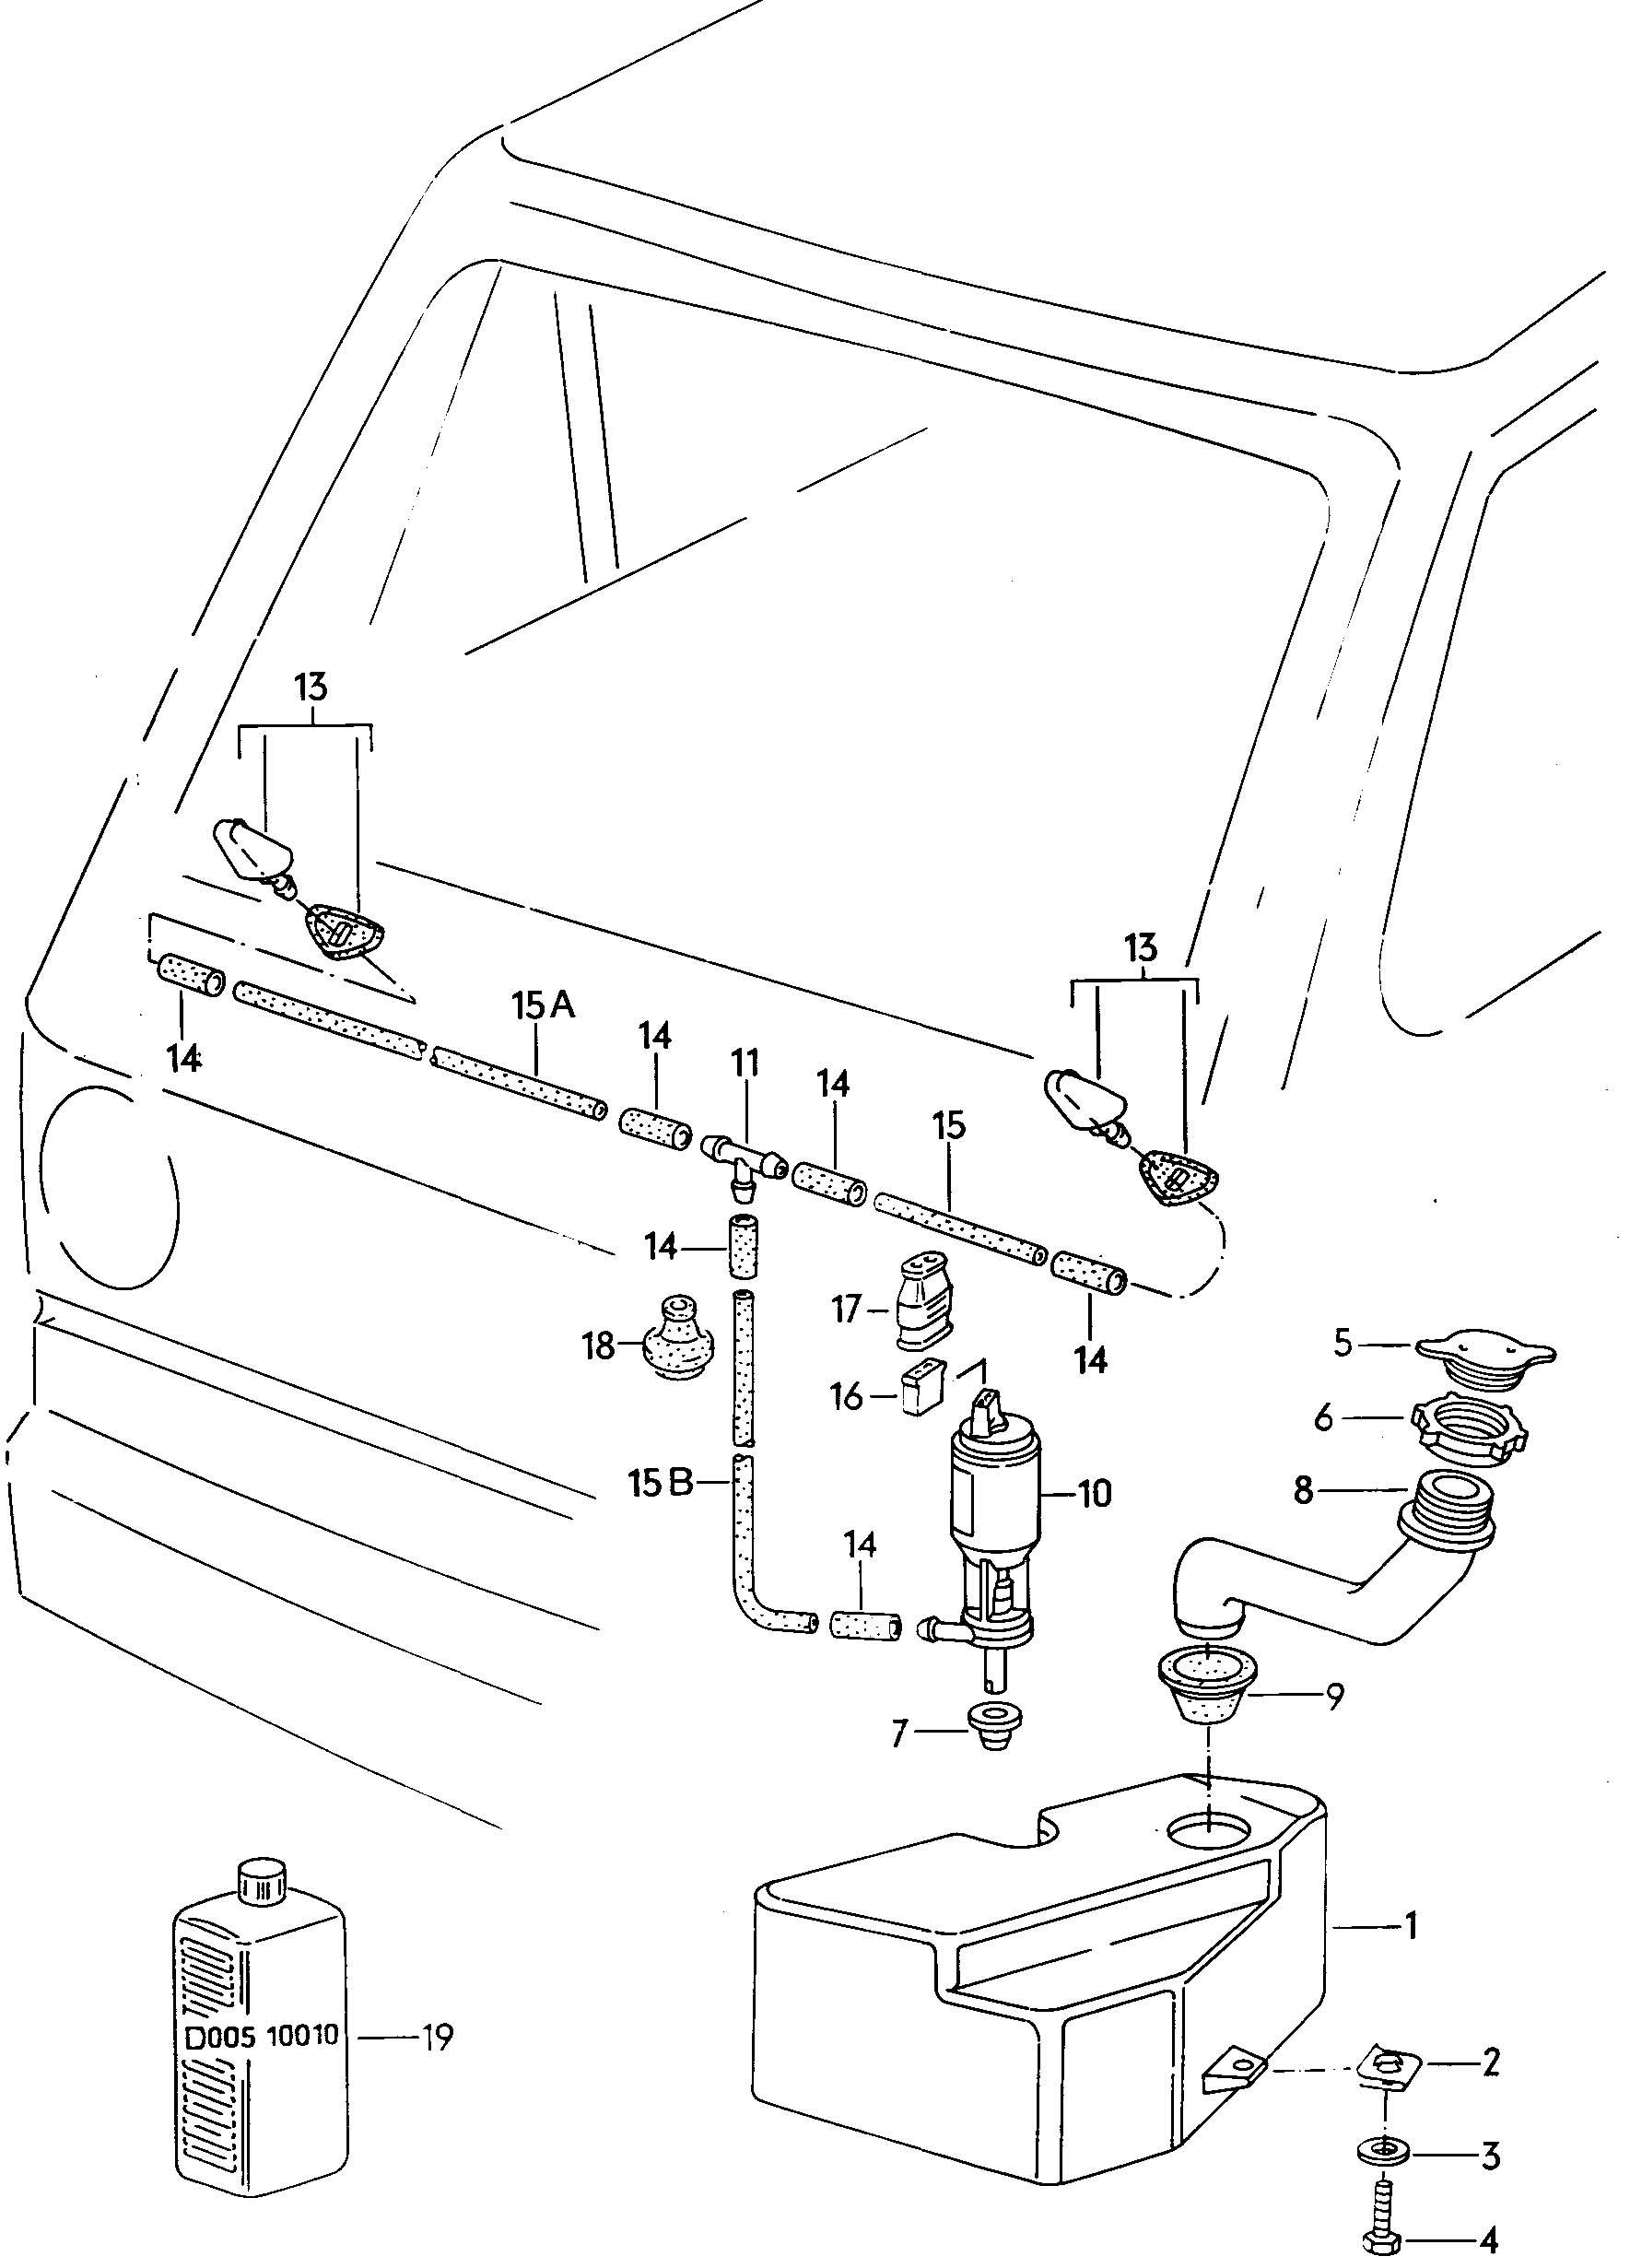 Vanagon Subaru Conversion Wiring Moreover Vw Vanagon Get Free Image